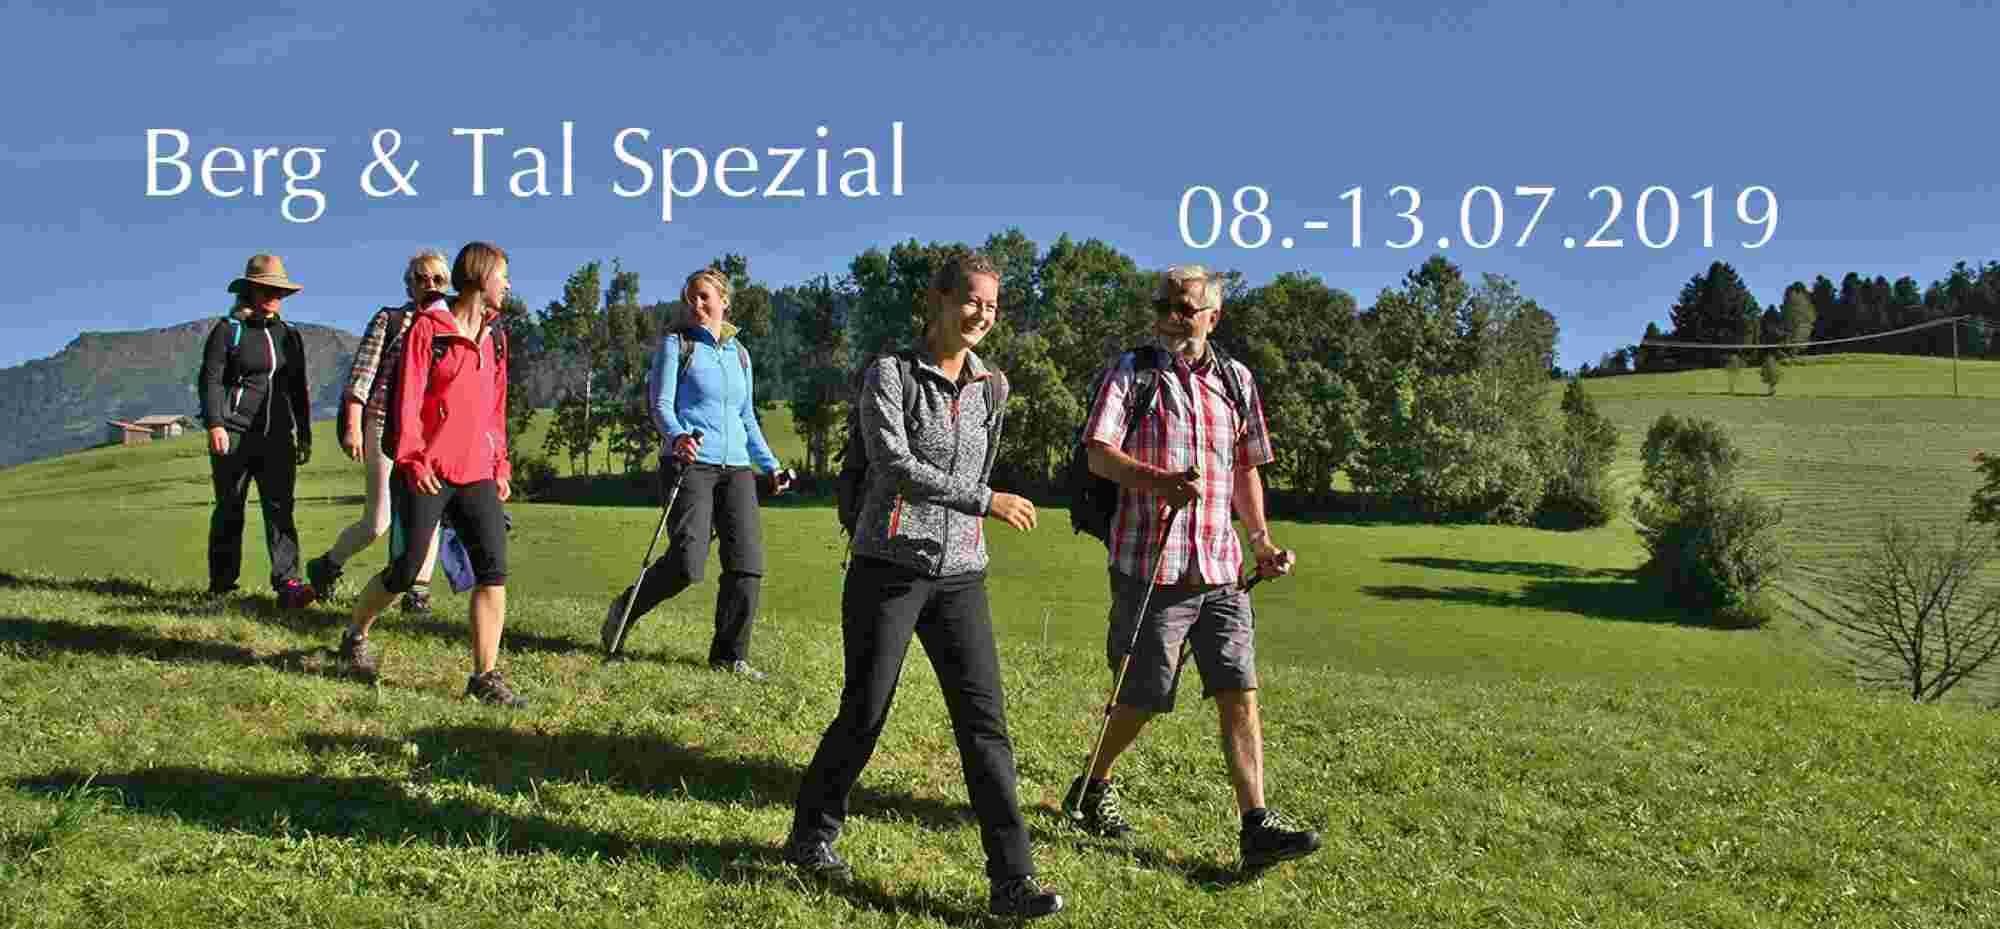 Berg & Tal Spezial